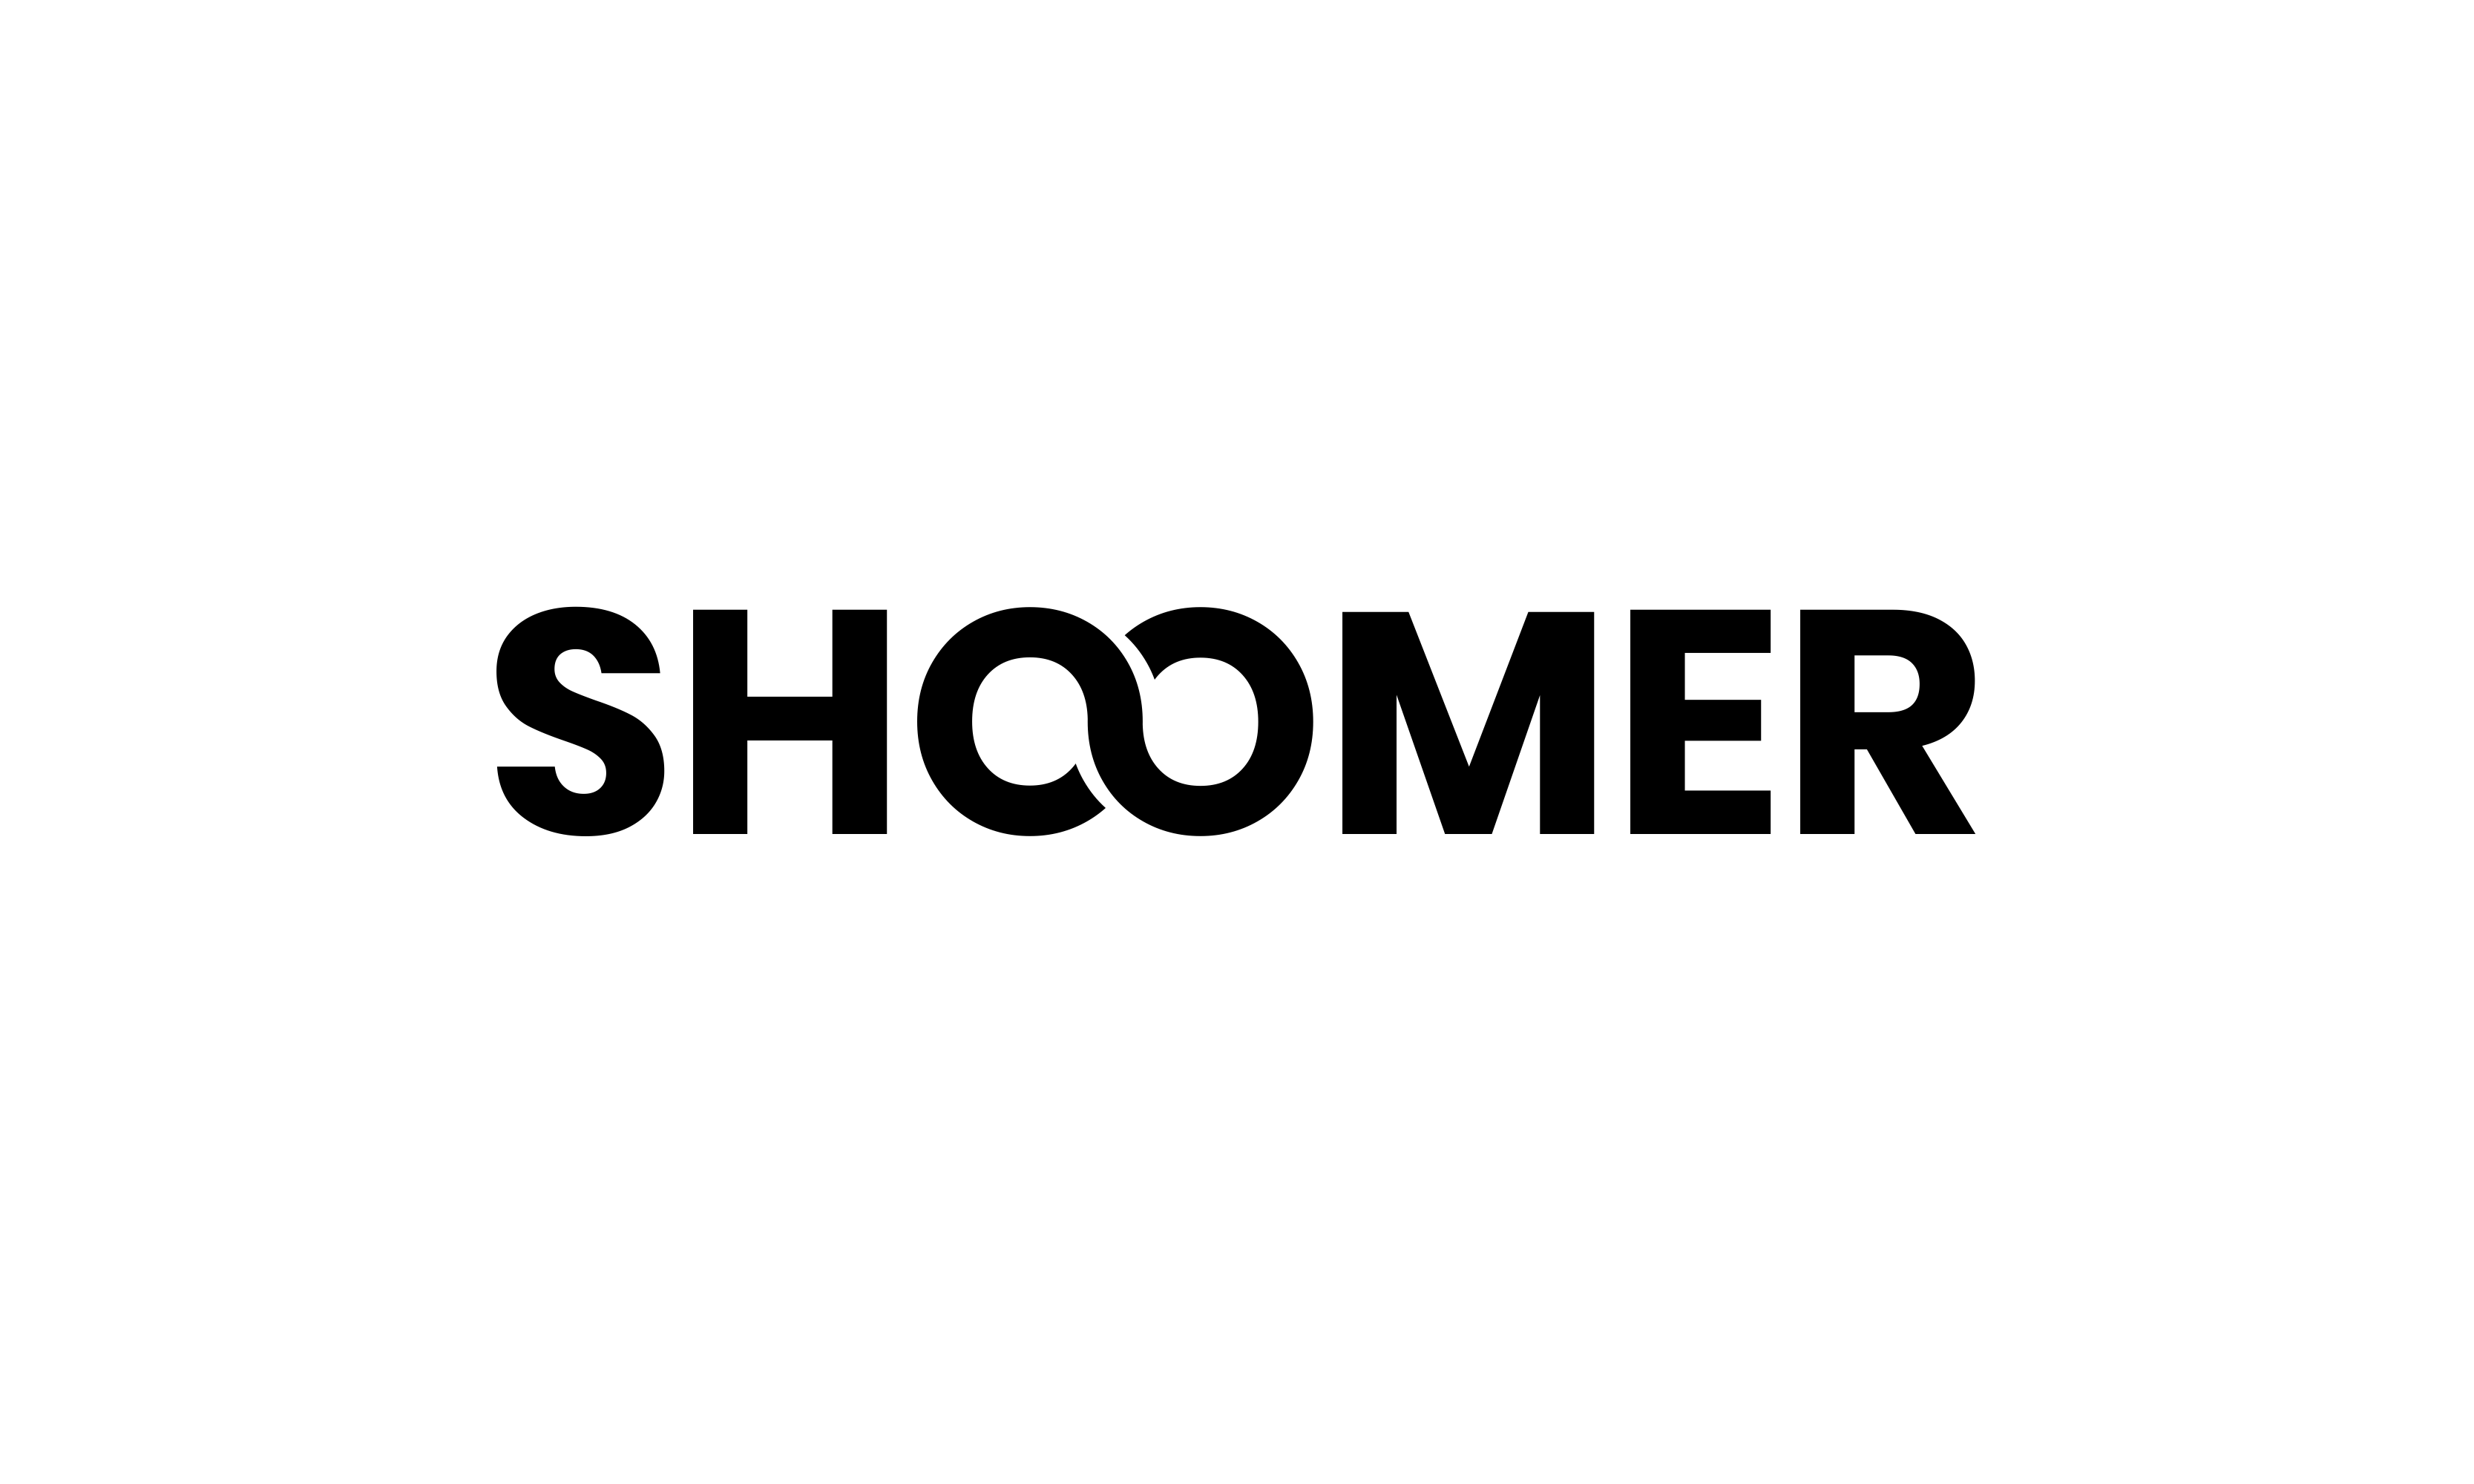 Shoomer